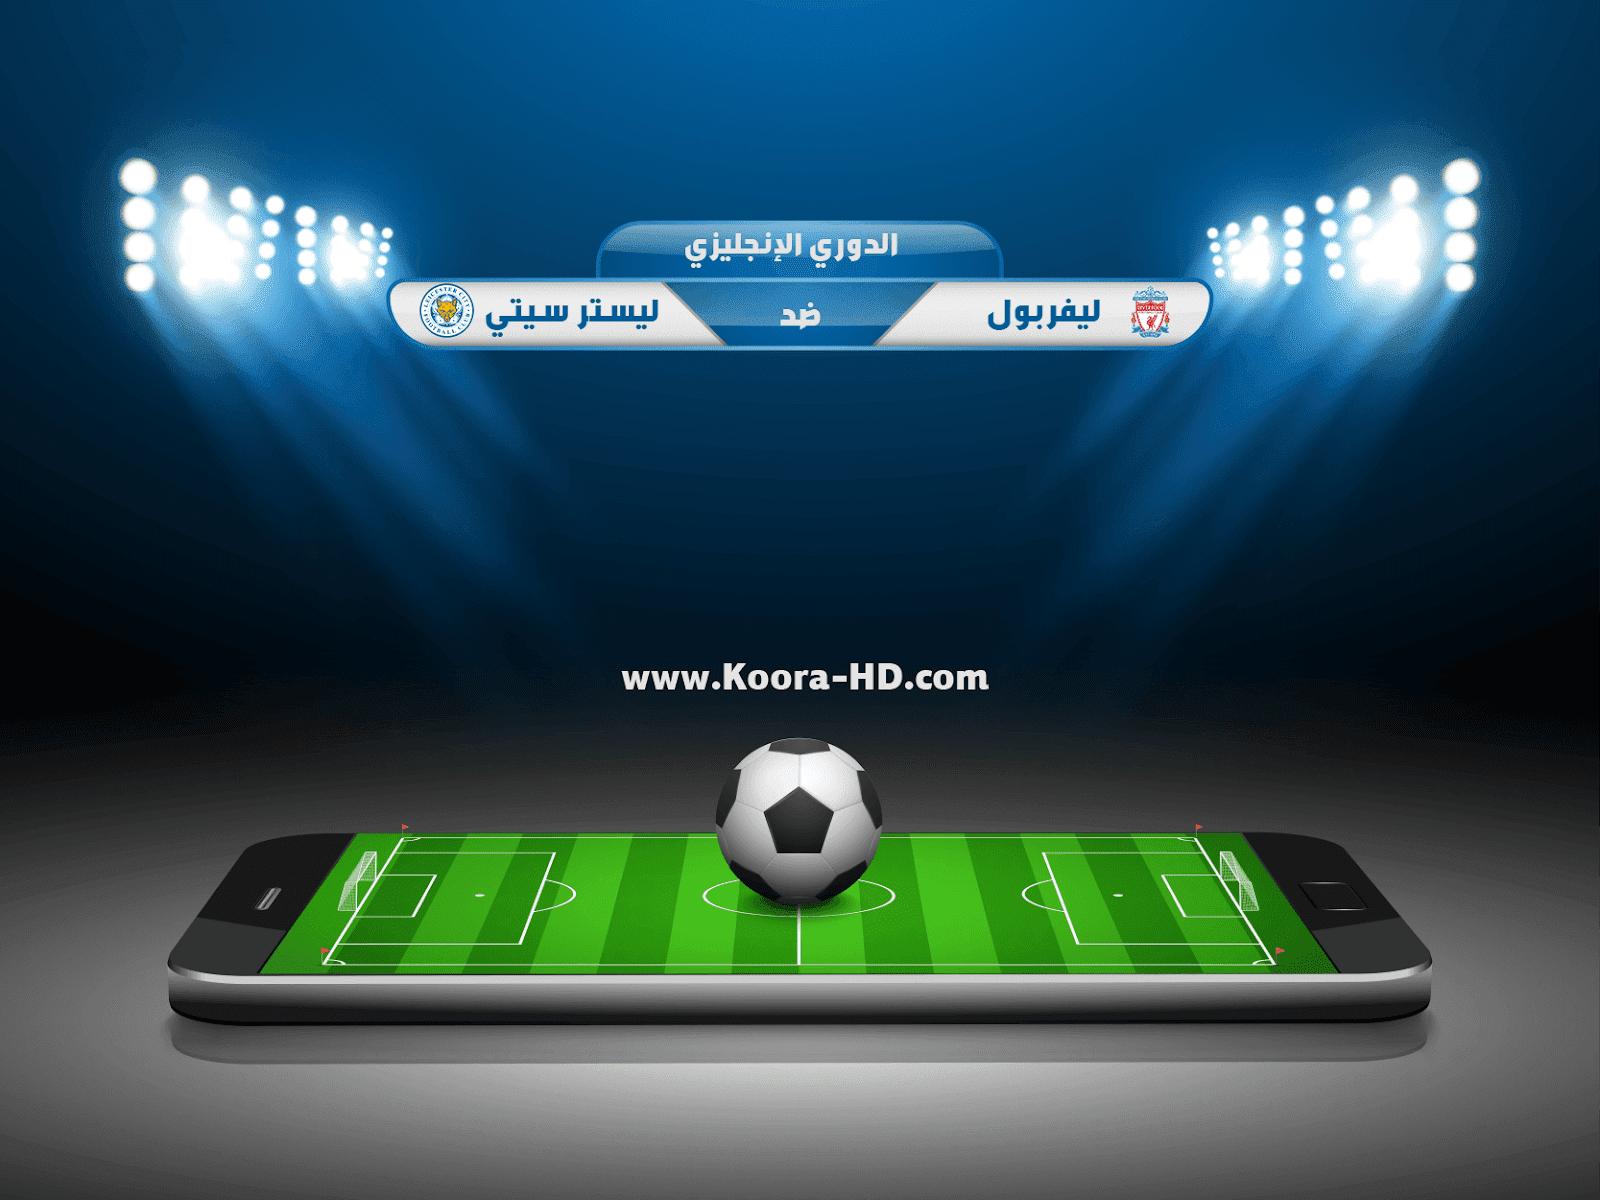 مشاهدة مباراة ليفربول وليستر سيتي بث مباشر اليوم 1-9-2018 الدوري الانجليزي